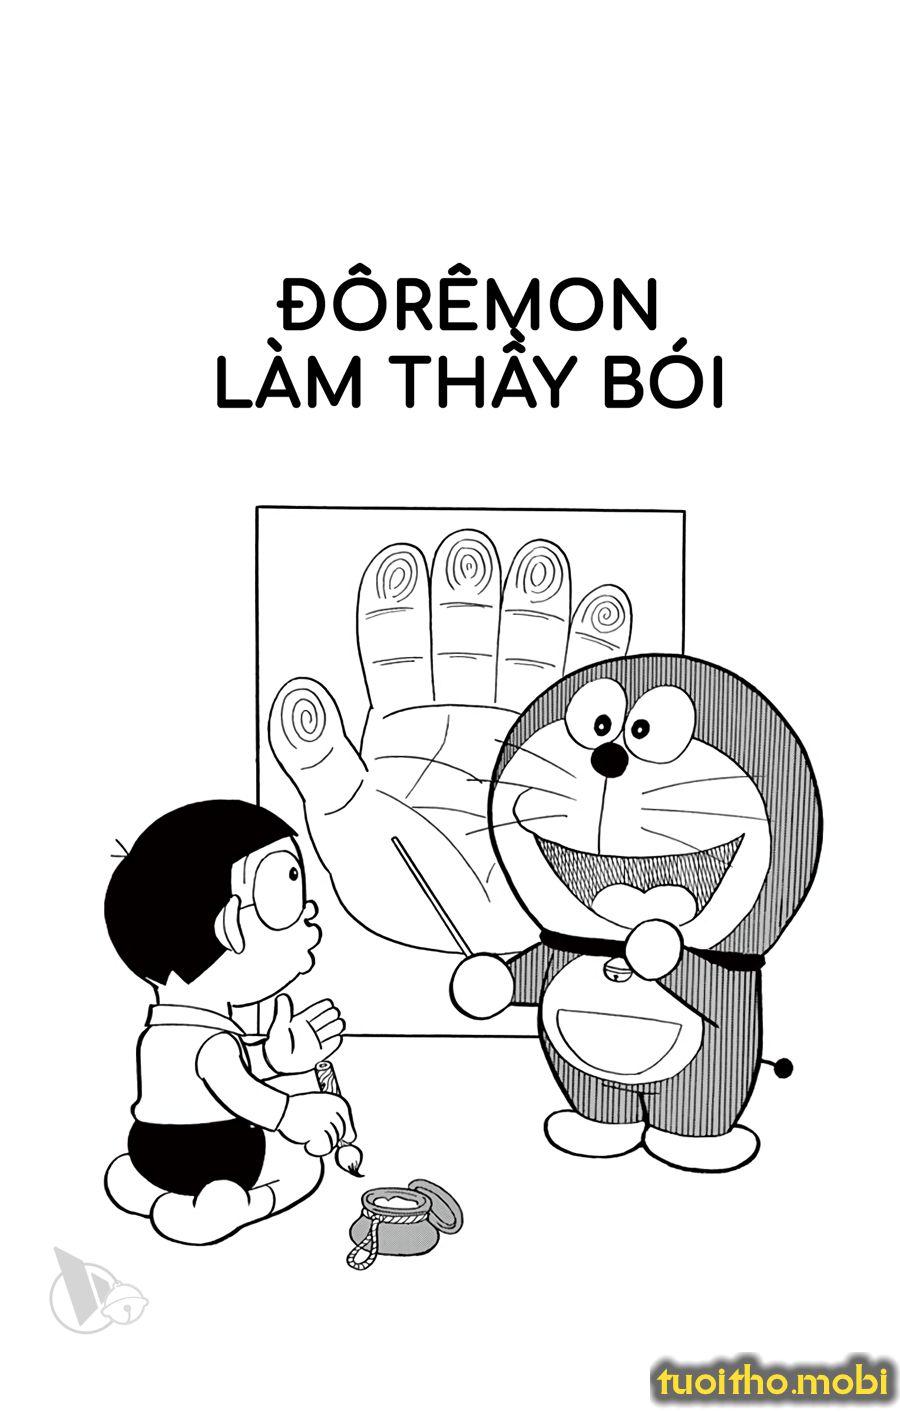 Doremon - Tập 2 - Chap 26